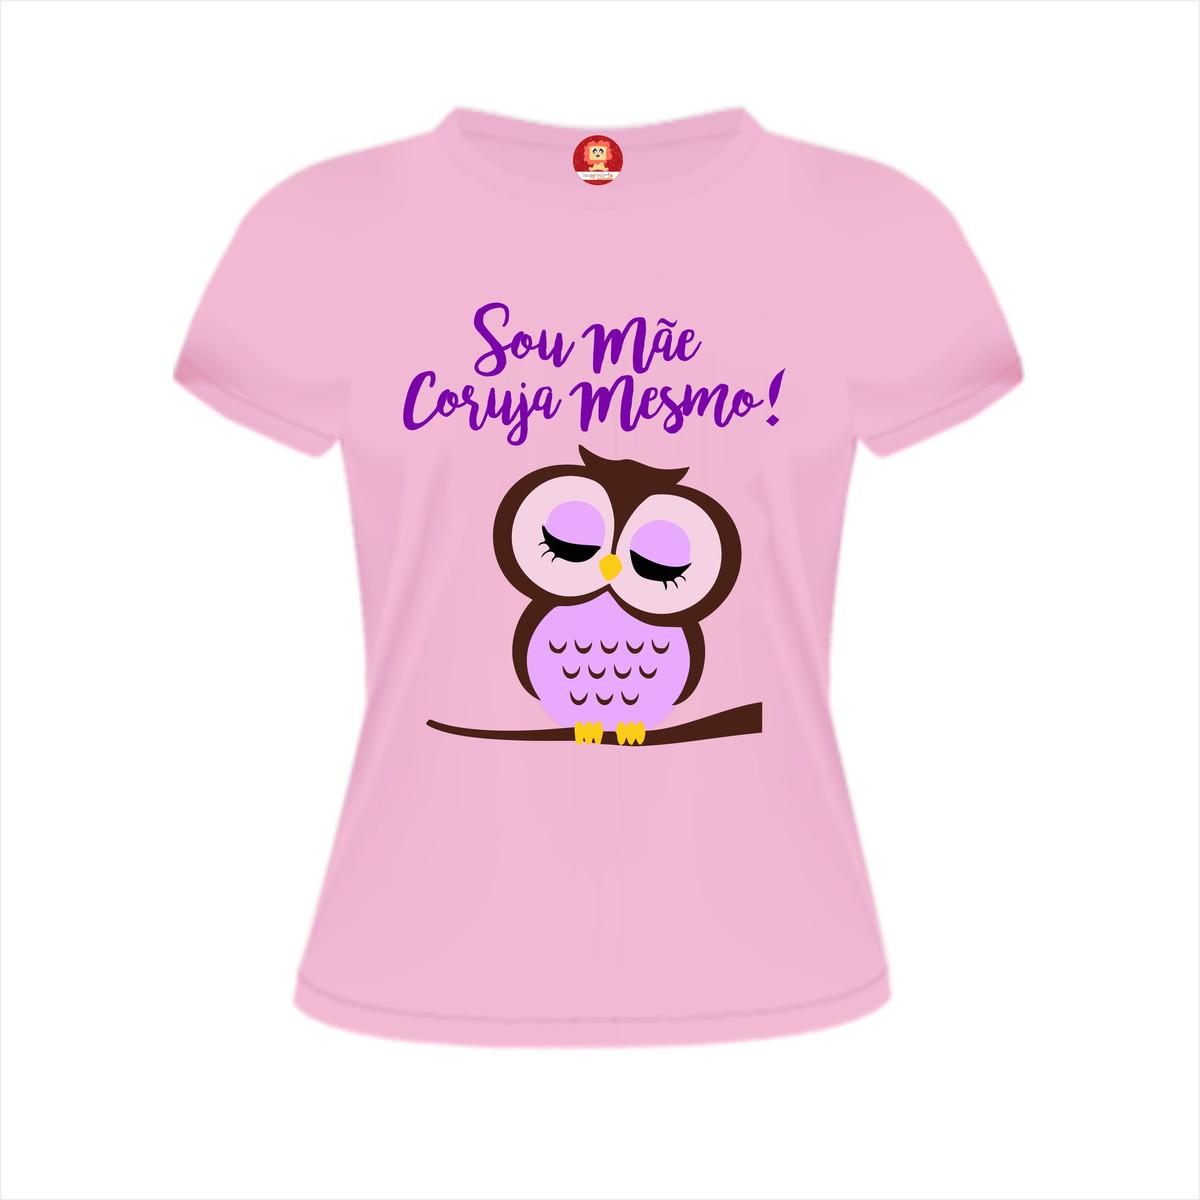 5a7ba2c8ea Camiseta Sou Mãe Coruja Mesmo! no Elo7